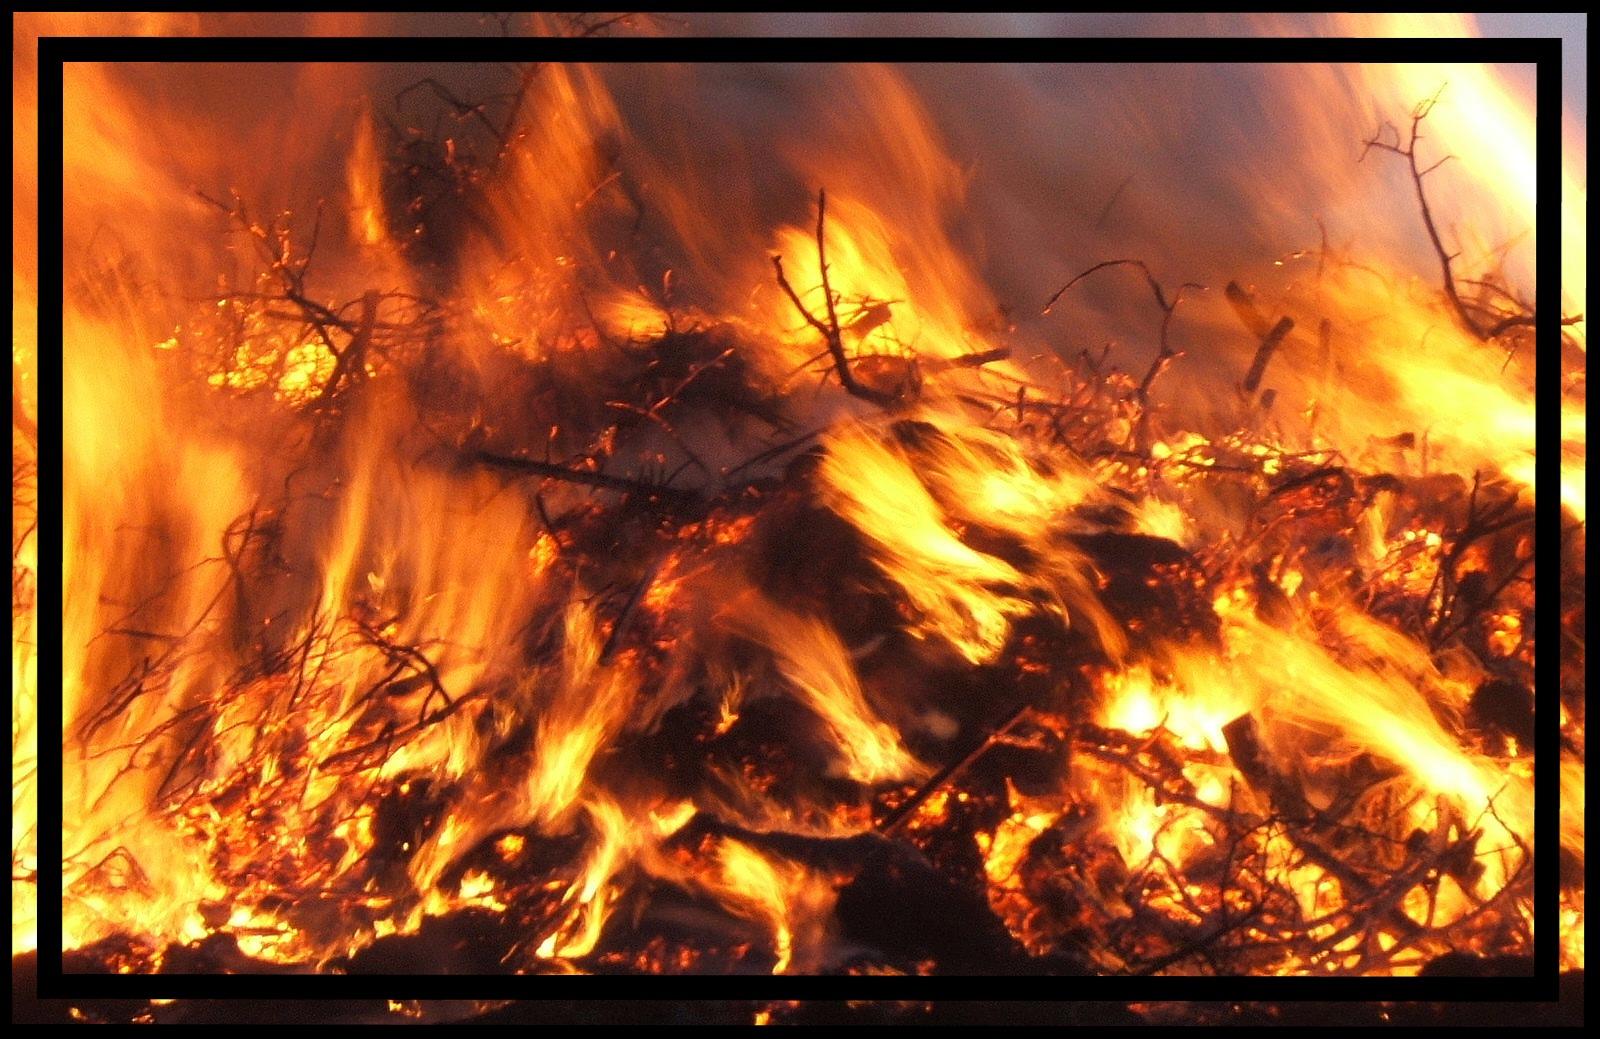 Feuerzeit